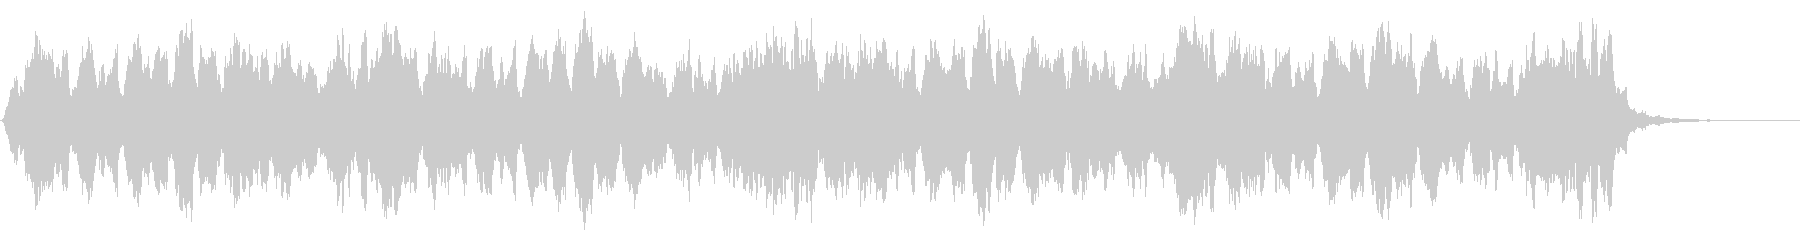 グリーンスリーブス ストリングス 低音版の未再生の波形